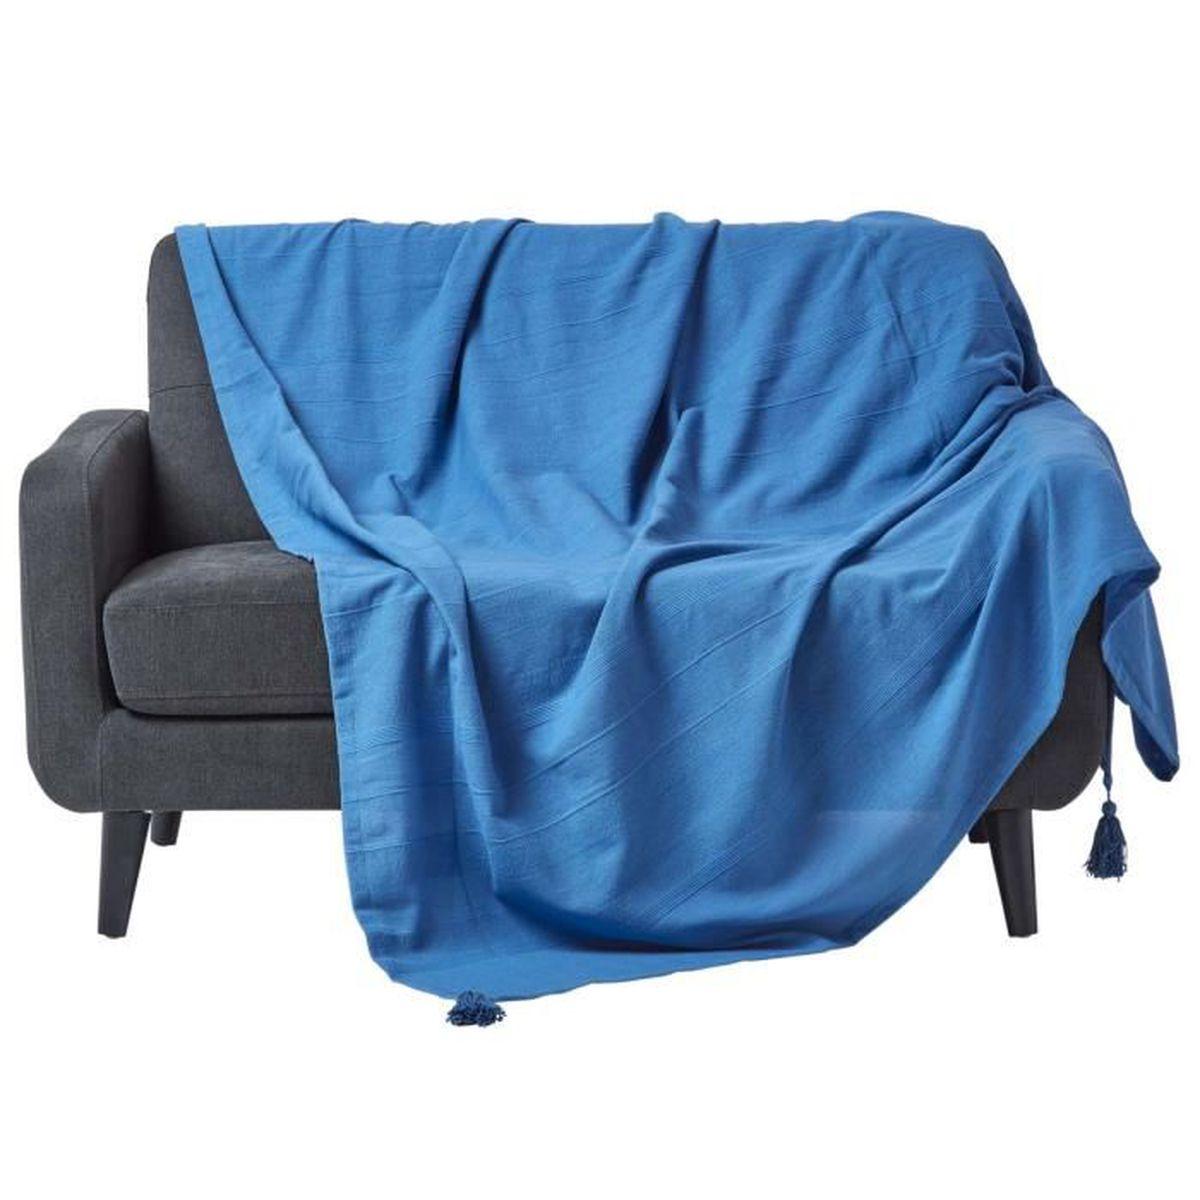 JETÉE DE LIT - BOUTIS Jeté de lit ou de canapé - Rajput tissé main - Ble